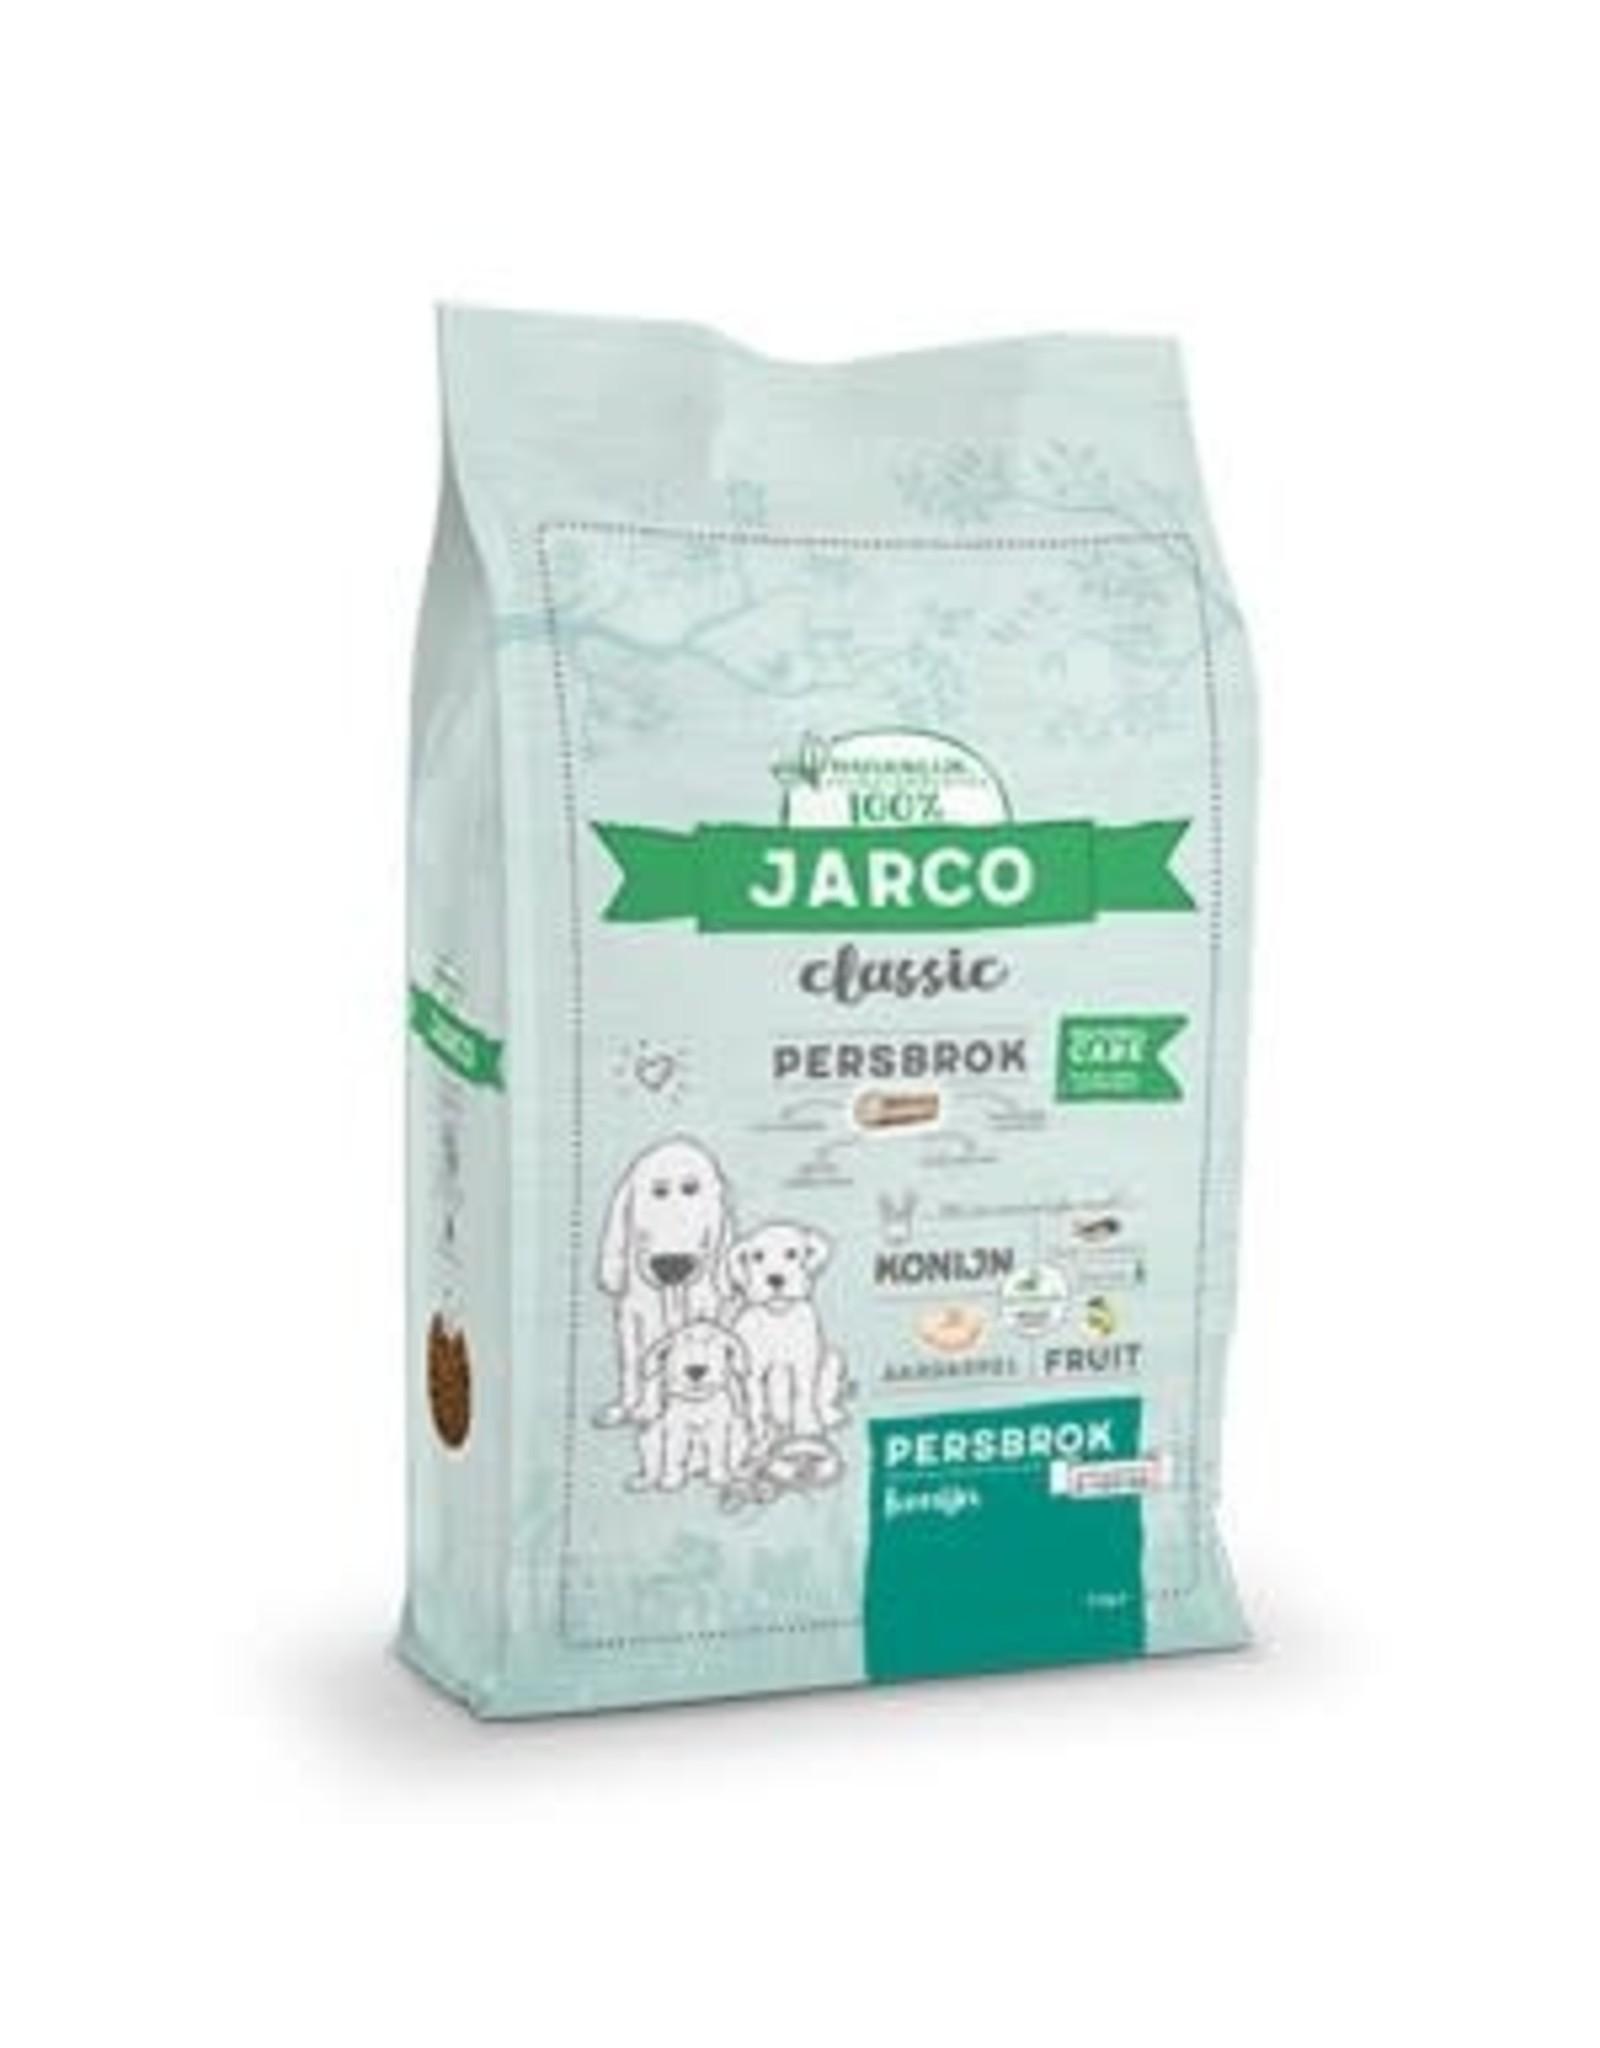 Jarco Classic Persbrok Konijn 2-100 Kg - Konijn - 12,5Kg